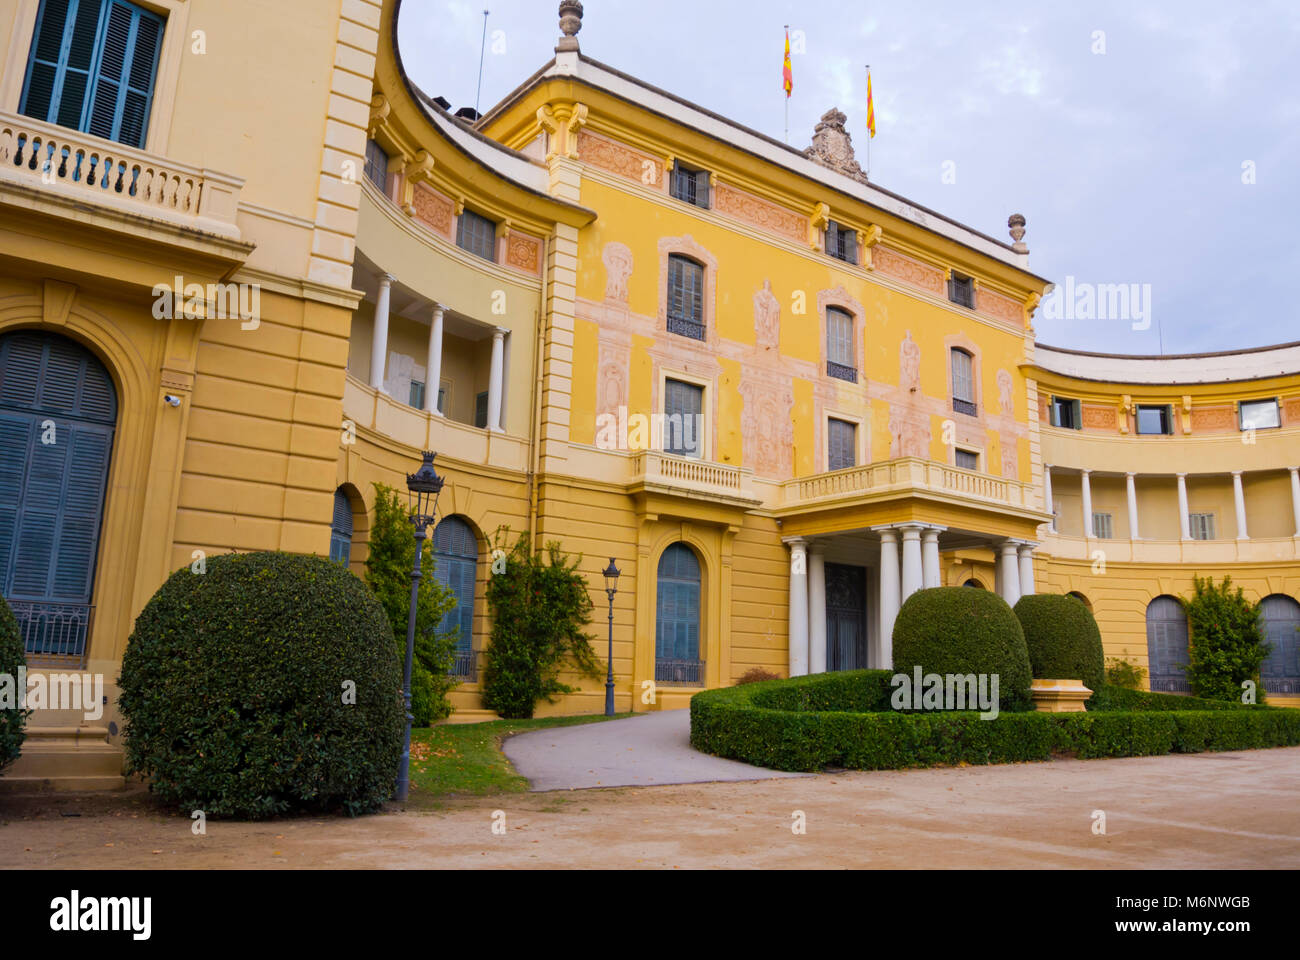 Palau Reial de Pedralbes, Parc de Pedralbes, Barcelona, Catalonia, Spain - Stock Image